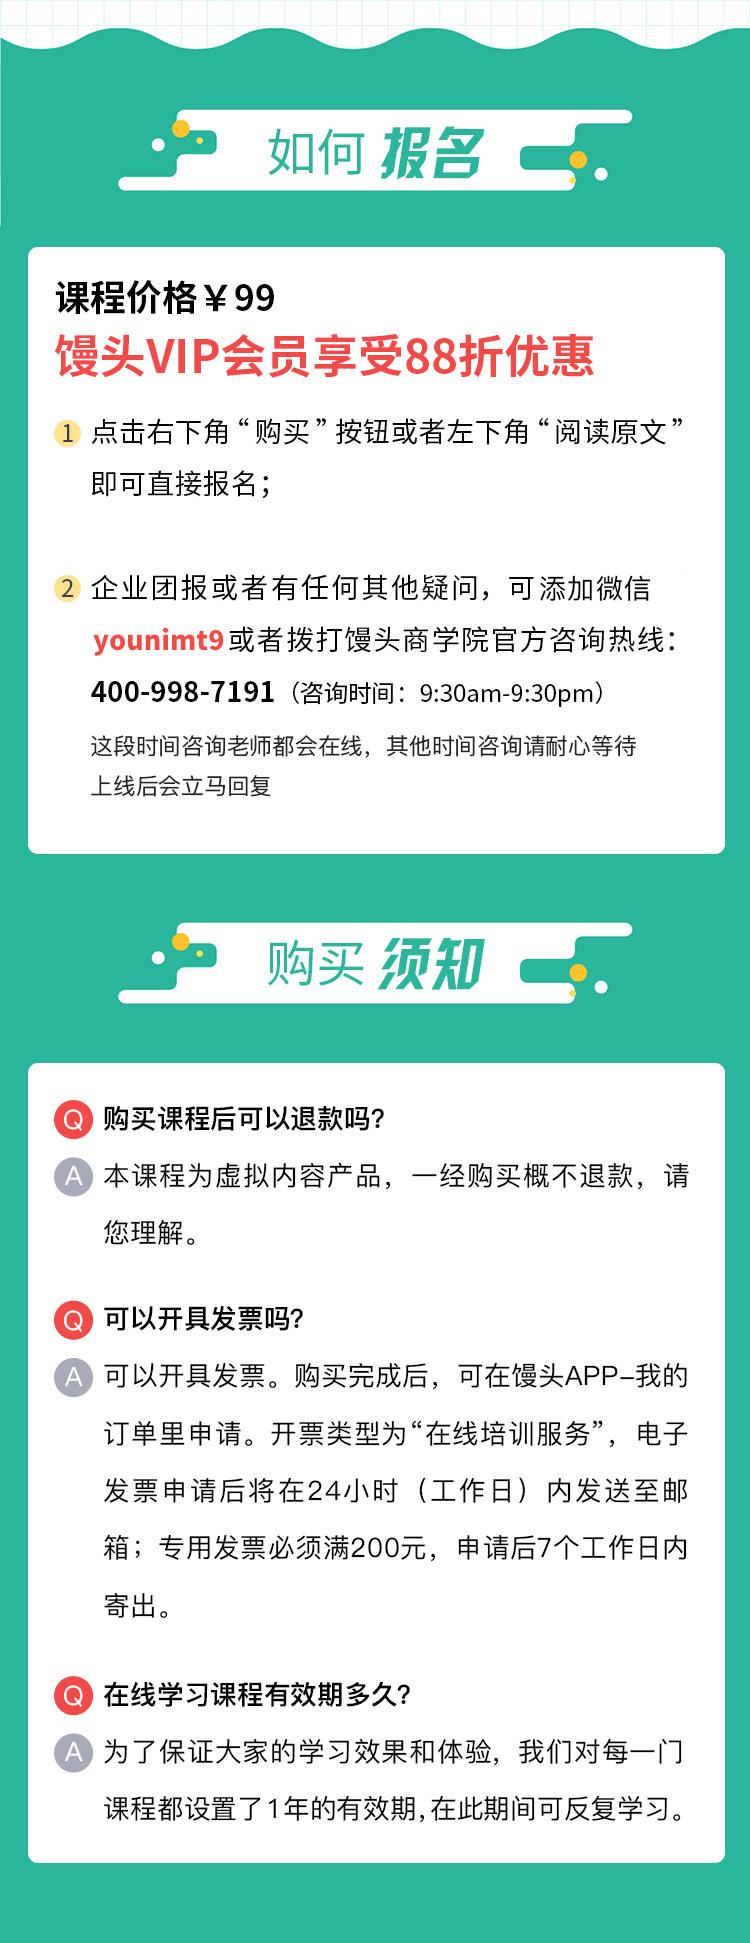 http://mtedu-img.oss-cn-beijing-internal.aliyuncs.com/ueditor/20190710145930_276126.jpg